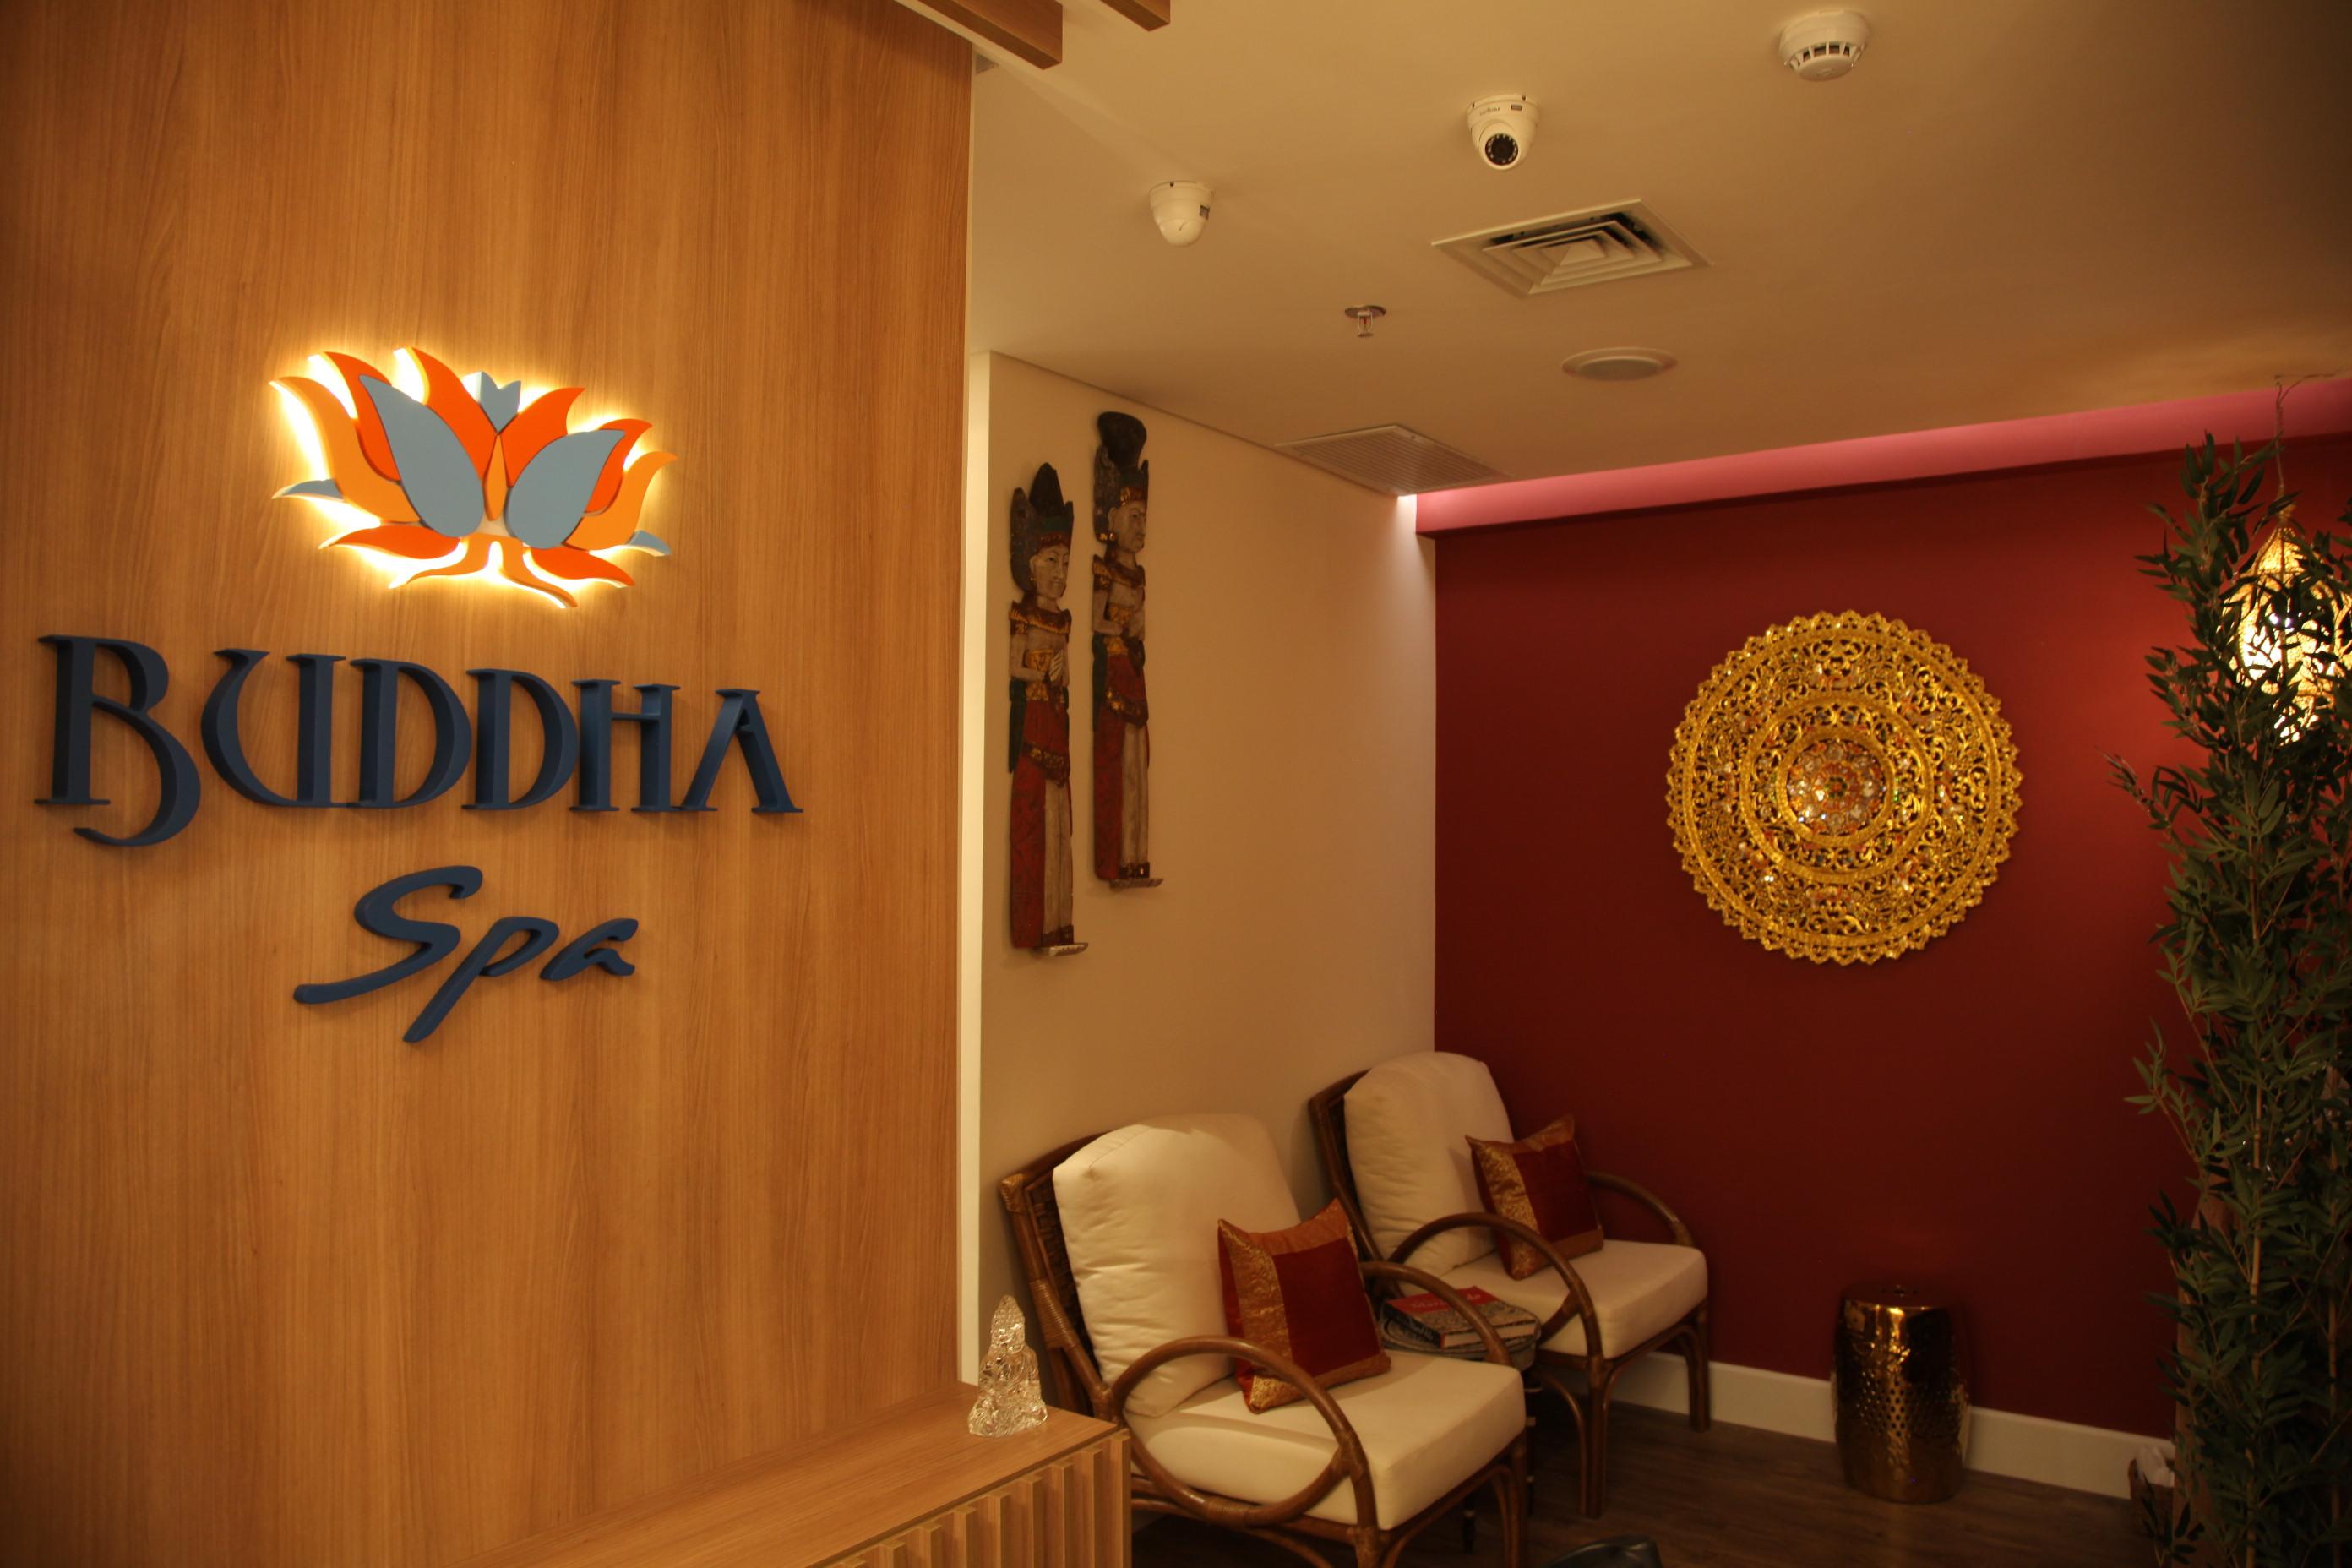 Resultado de imagem para buddha spa